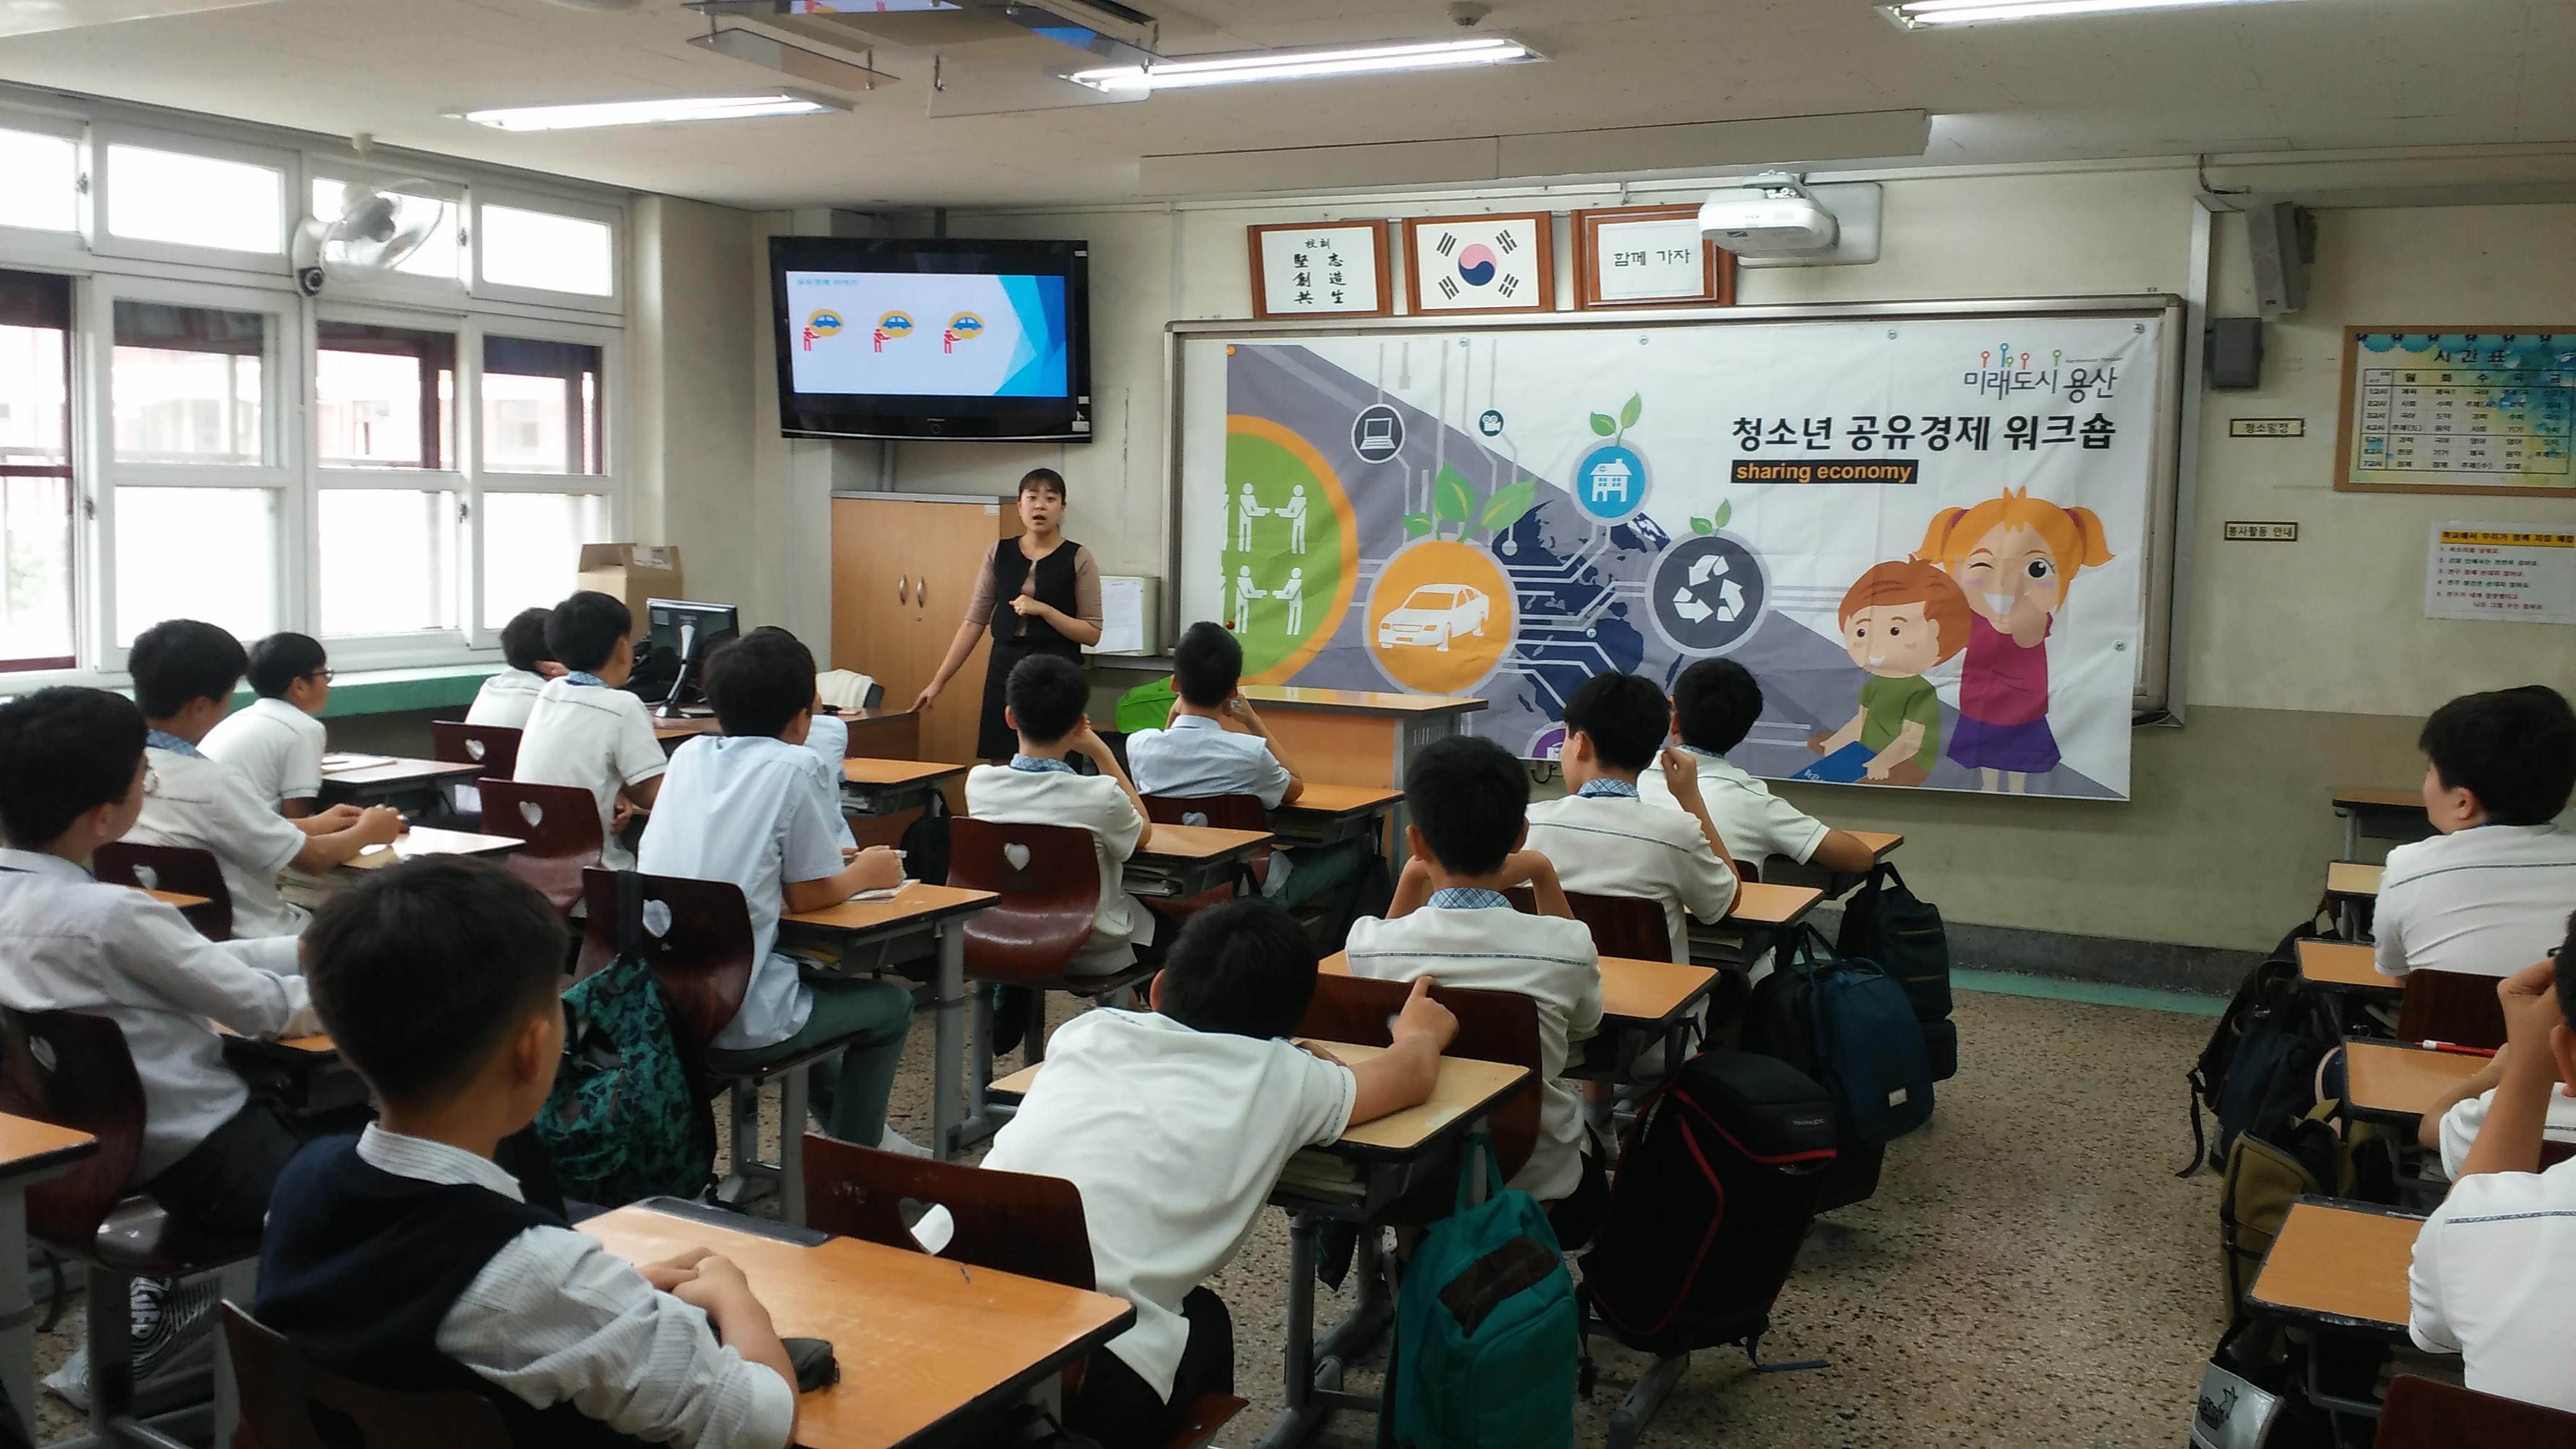 2017 09 27 배문중학교 청소년공유워크숍 사진01